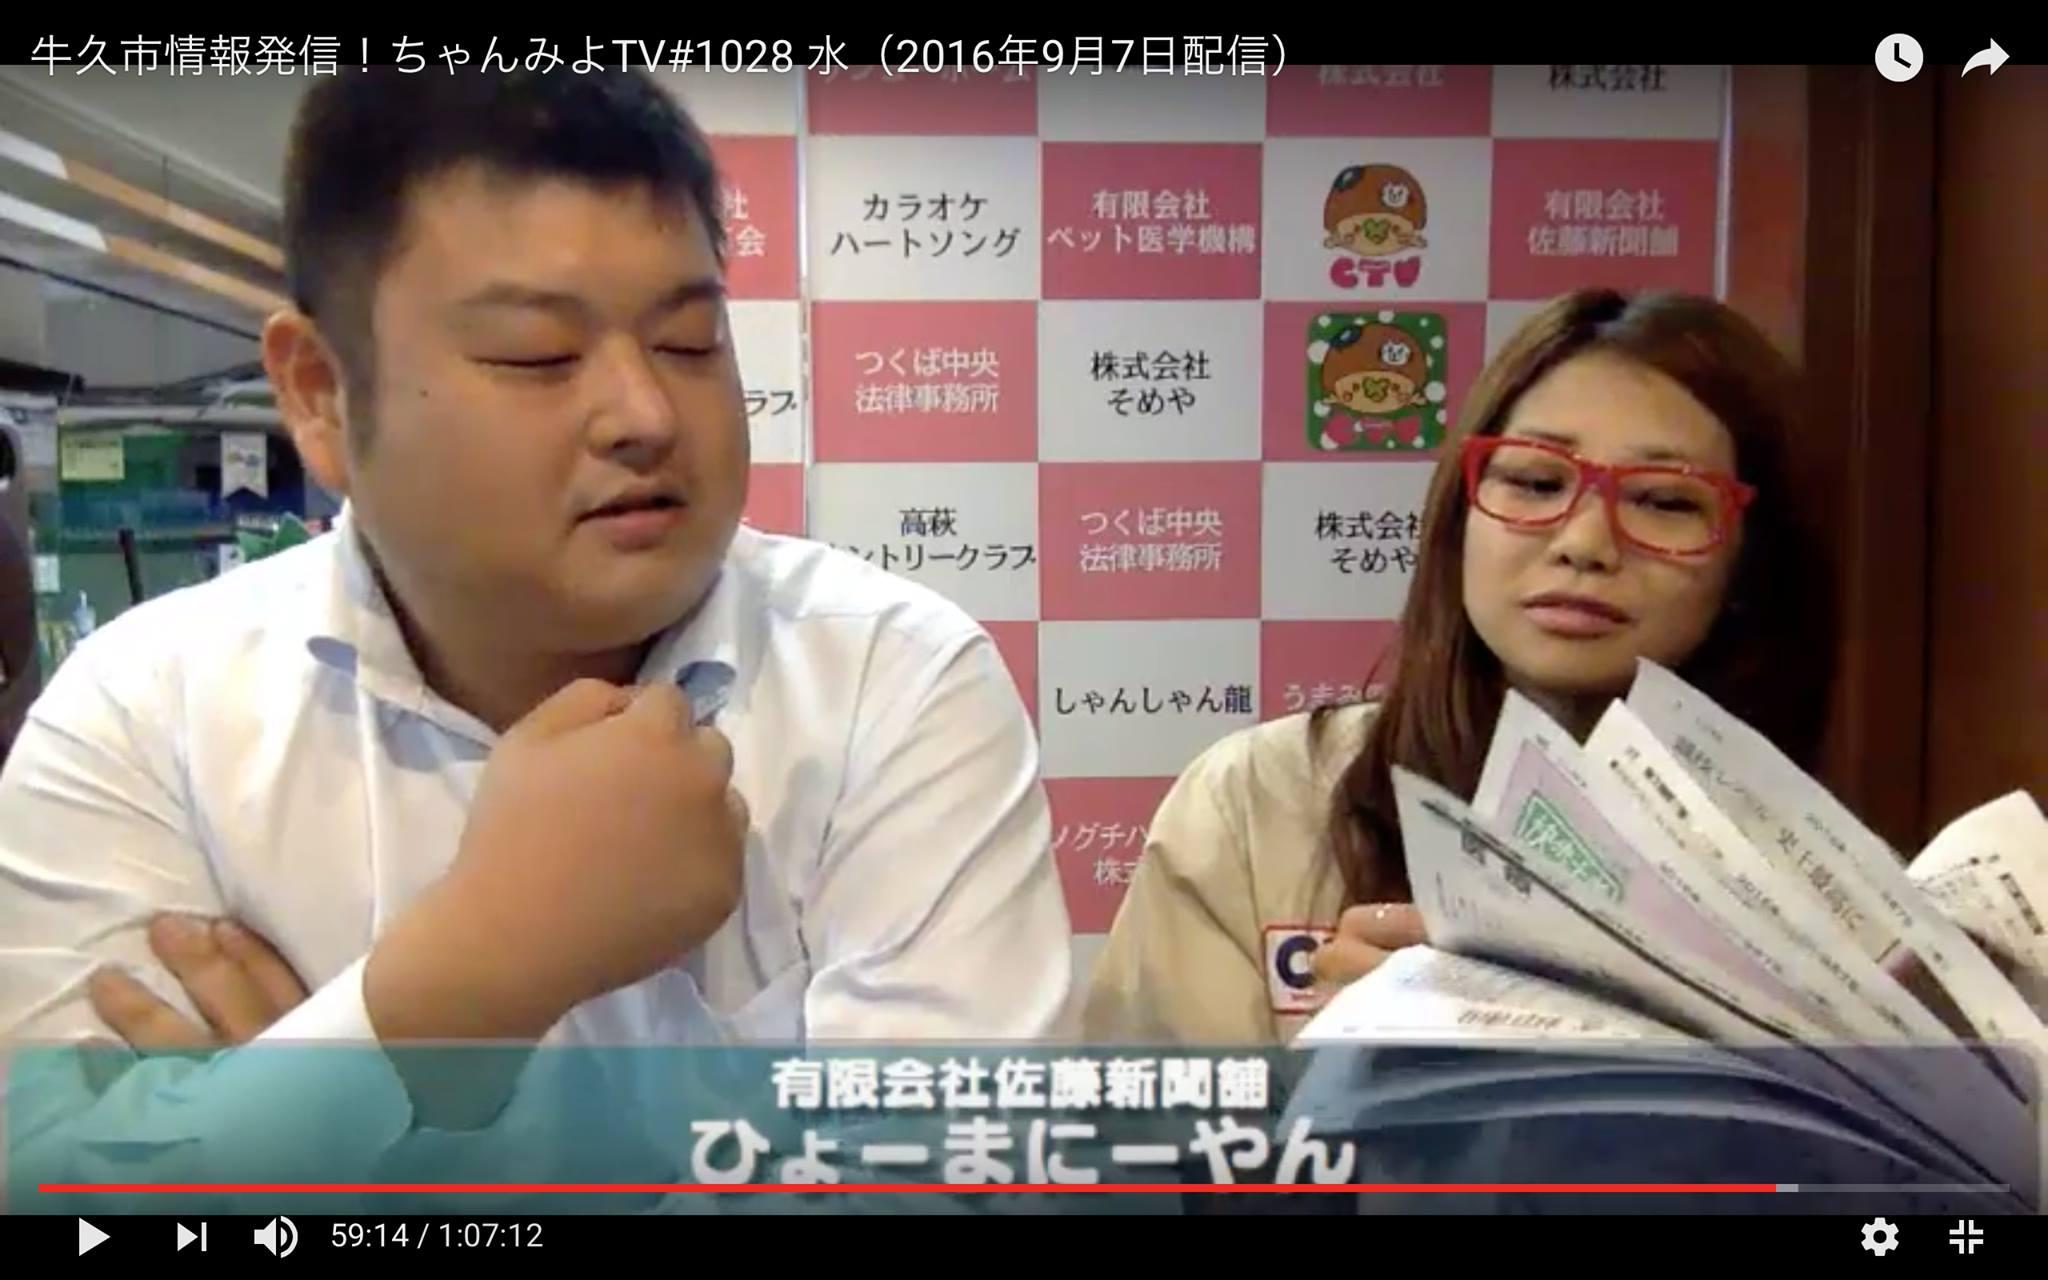 [ 2016/9/7 ]♡ちゃんみよTV #1028♡ゲスト 佐藤兵馬さん